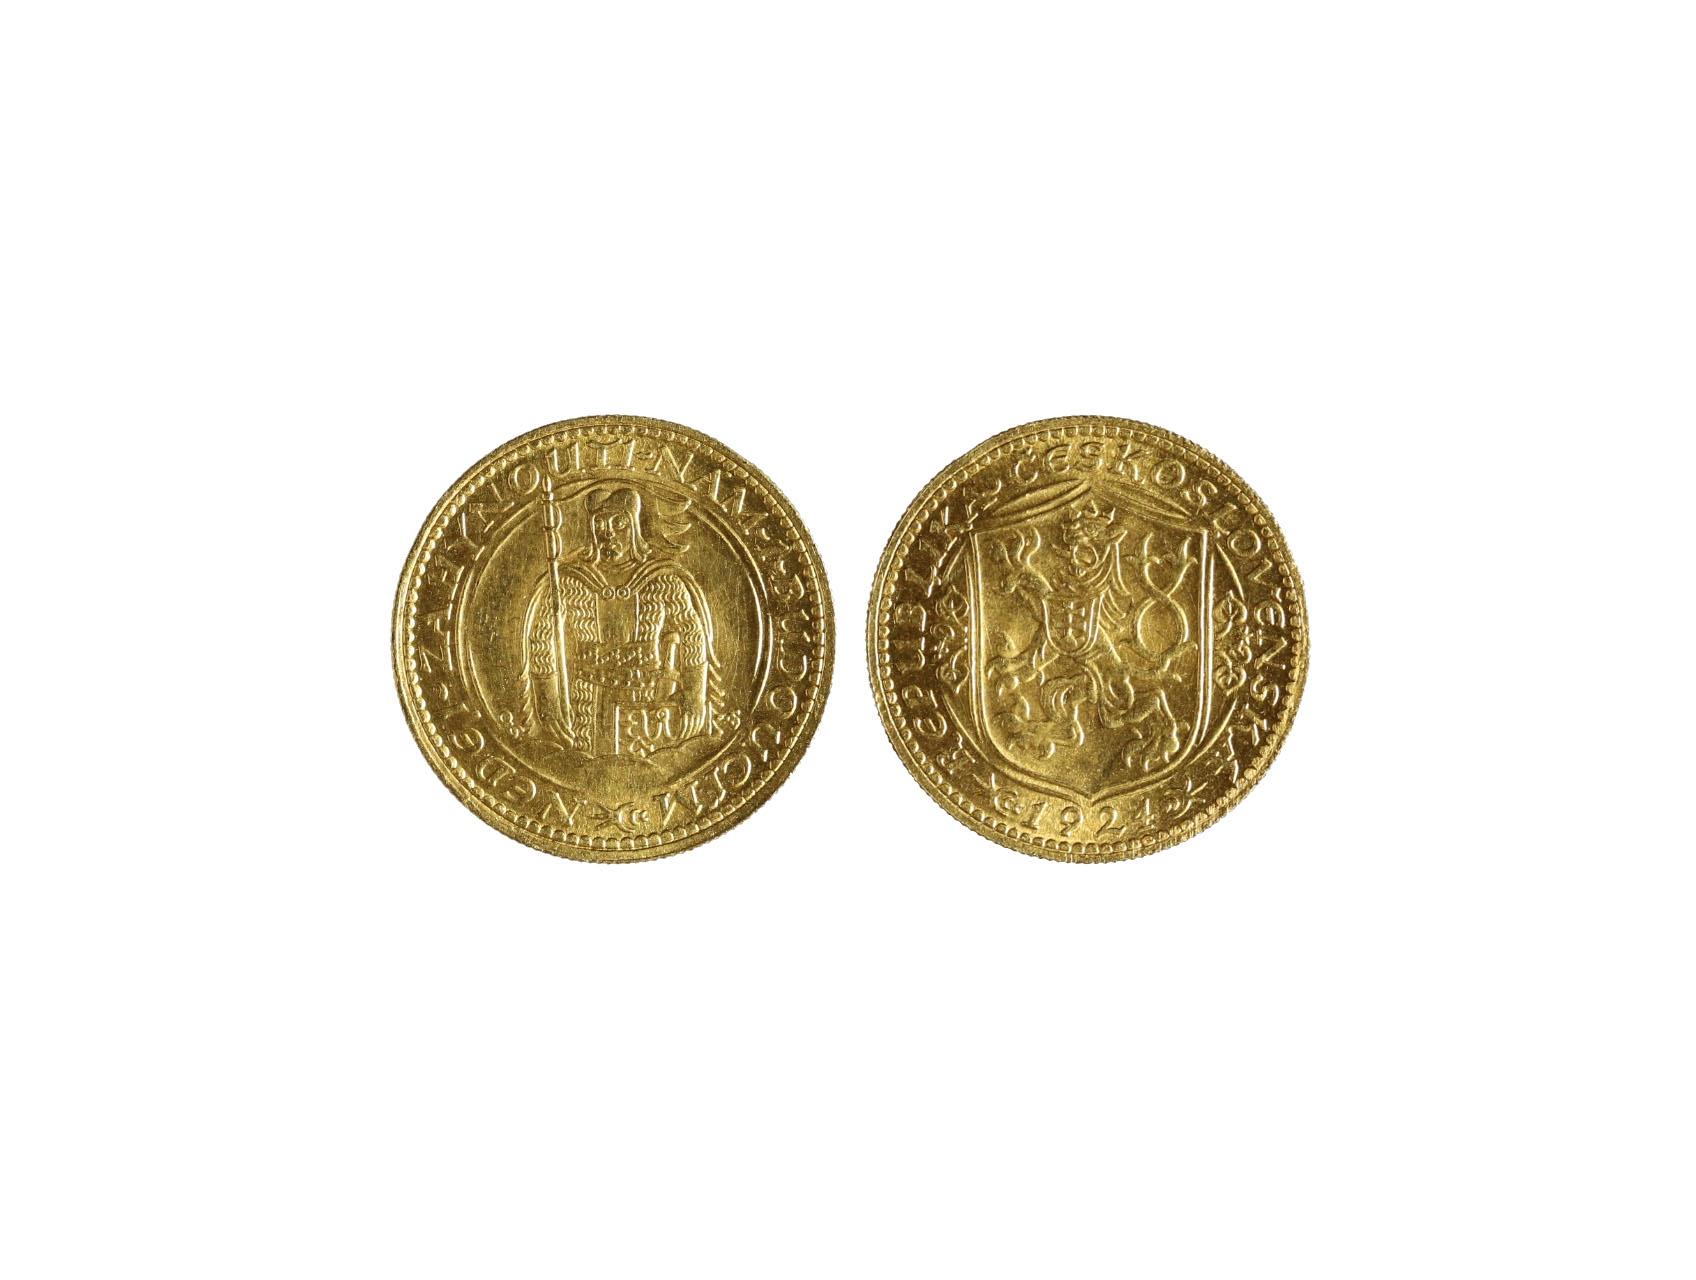 Československo 1918-1939 - Dukát 1924, 3.491 g, 986/1000, raženo 32814 ks, N16